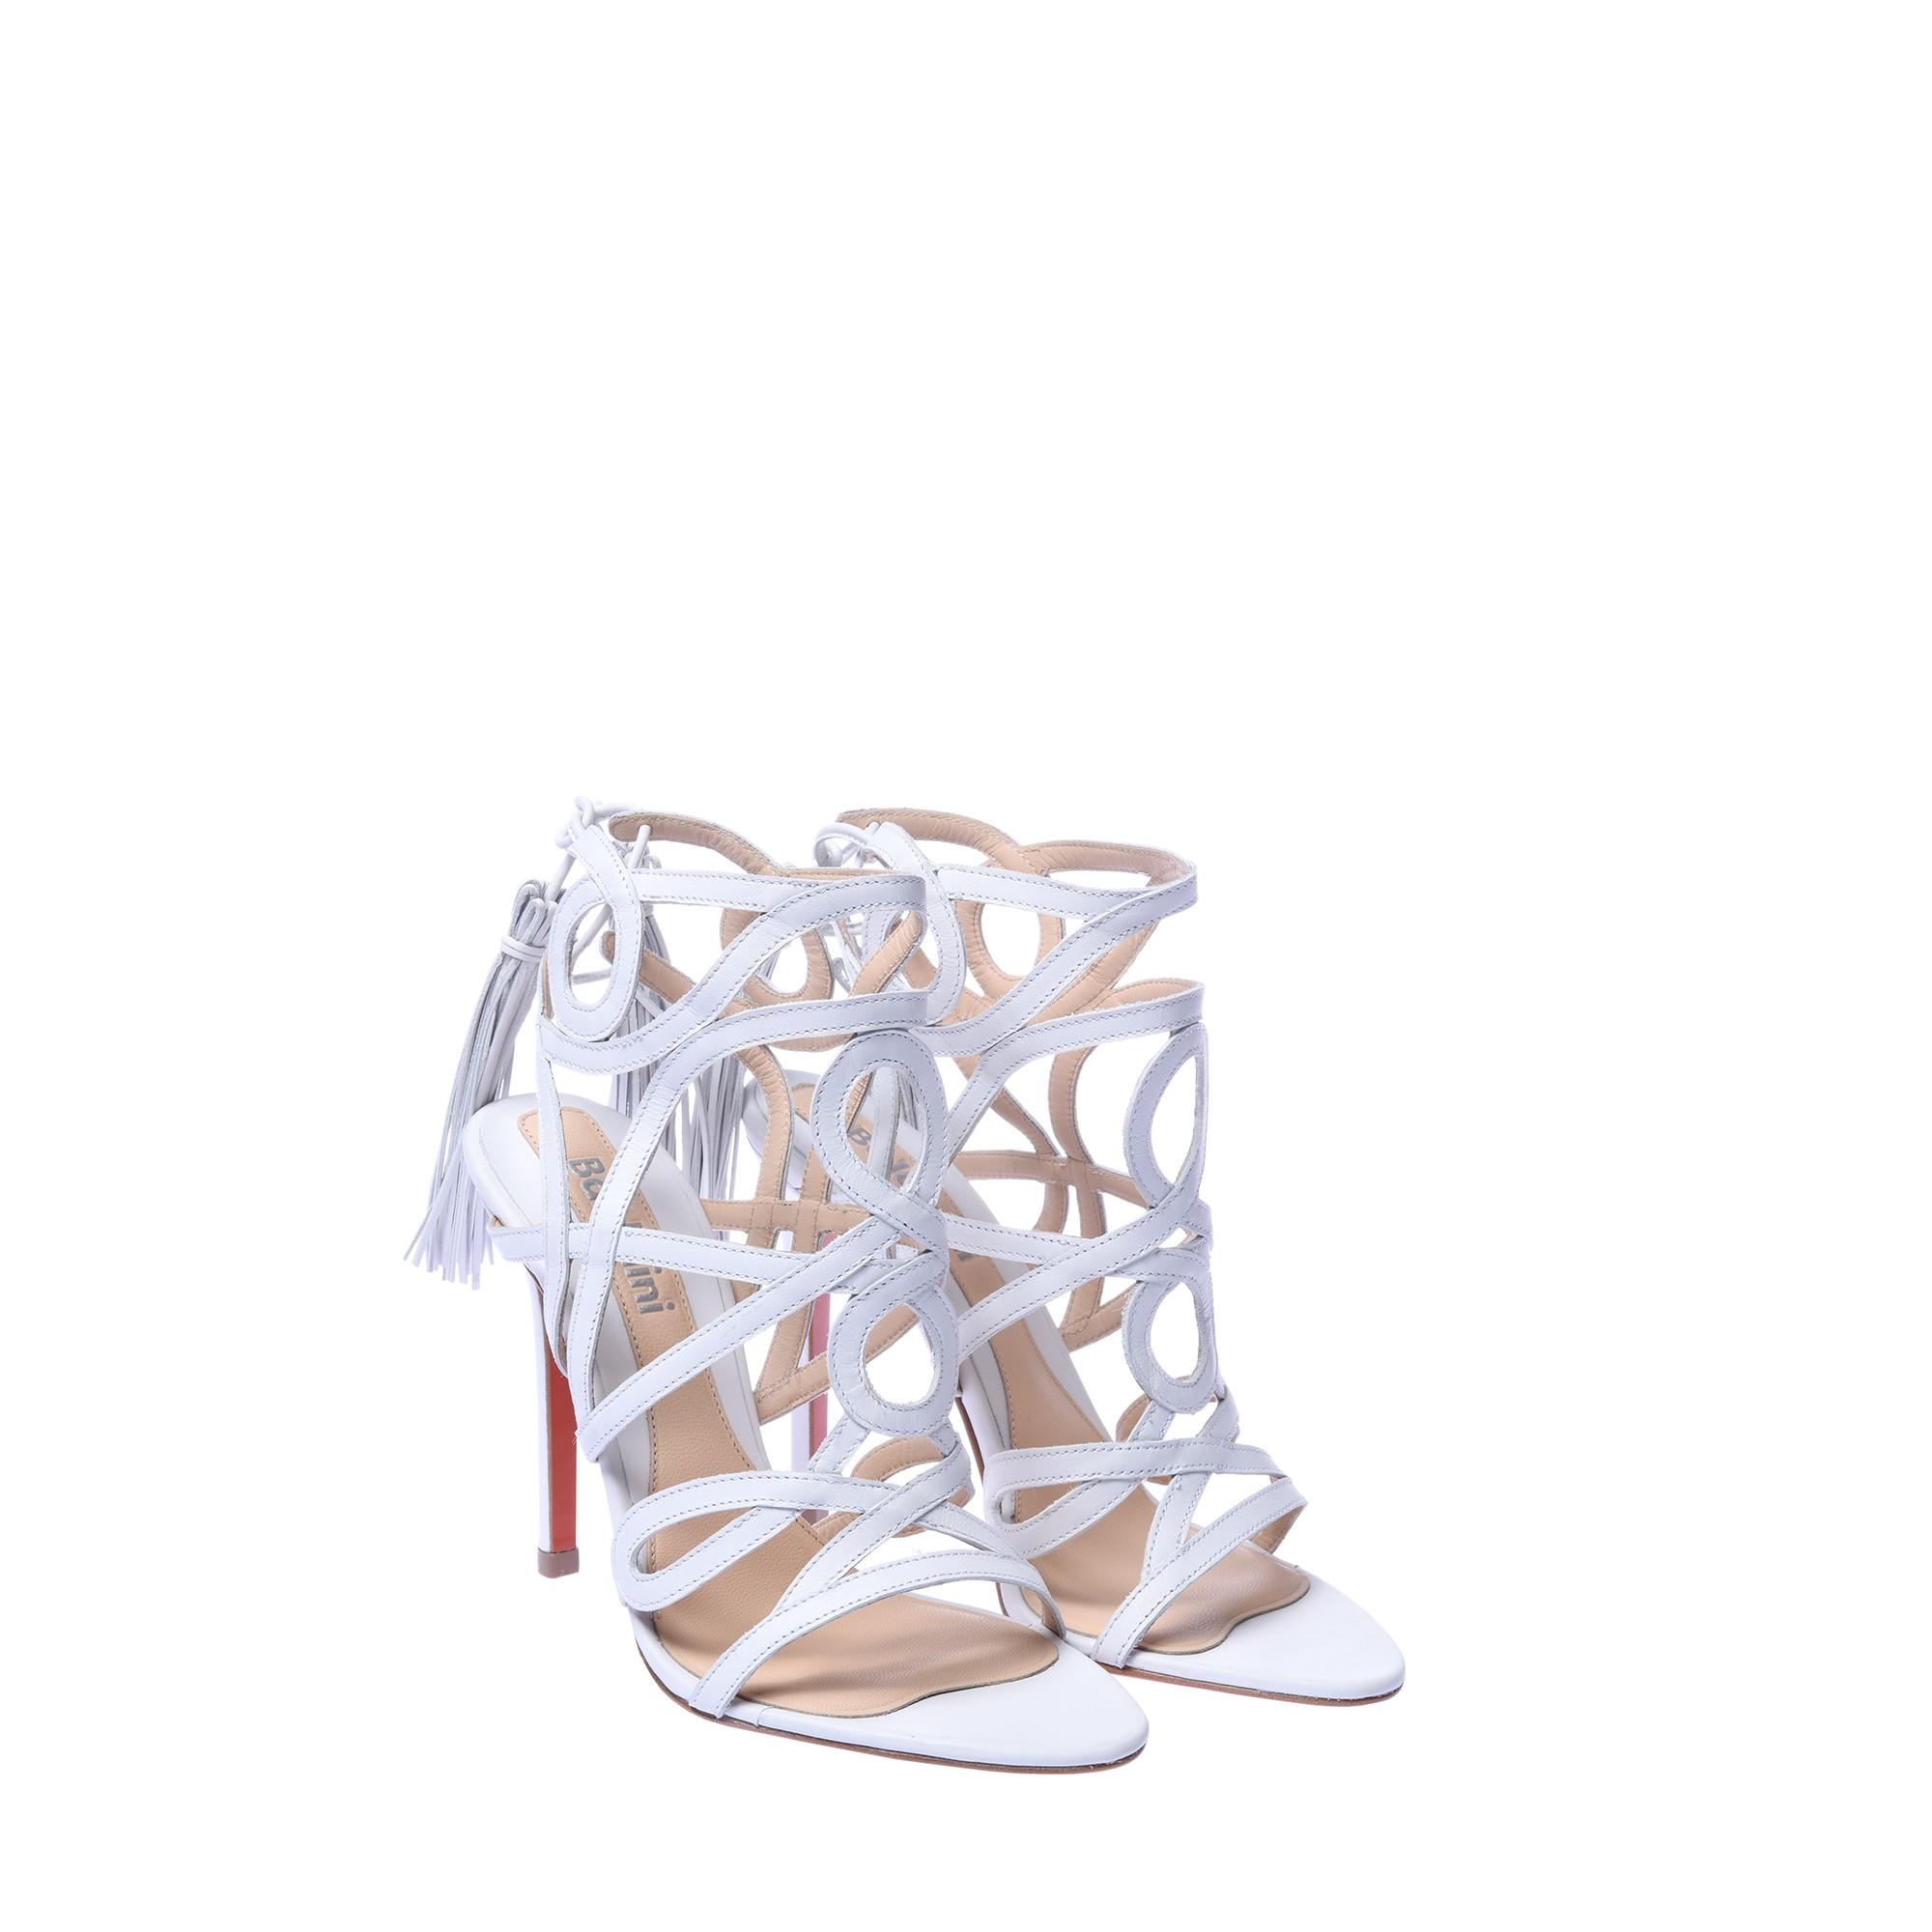 Sandali bianchi con intrecci